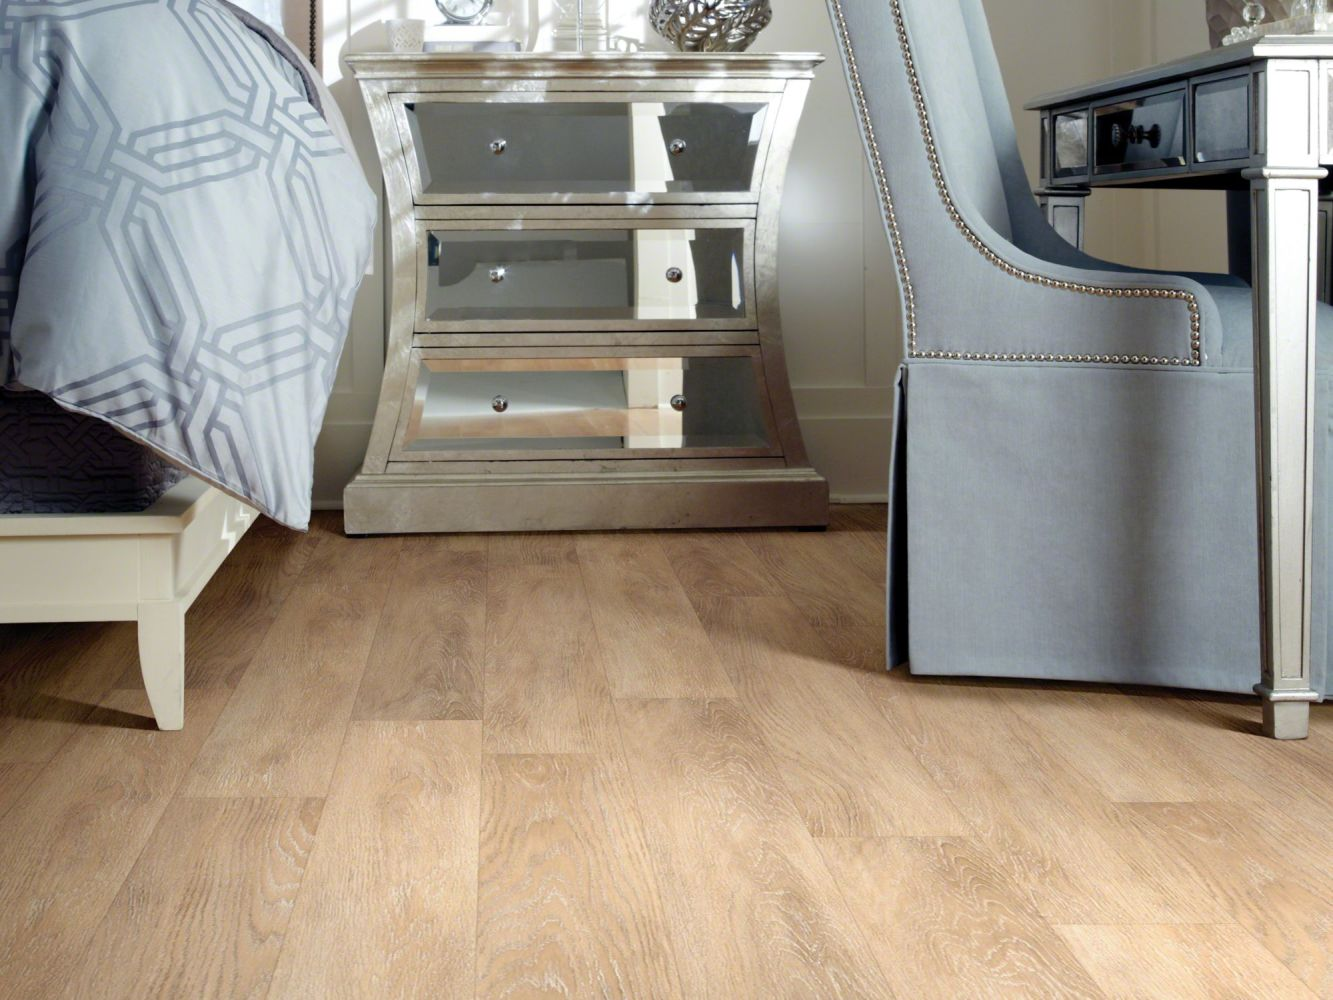 Shaw Floors Resilient Residential New Market 12 Chelsea 00309_0146V